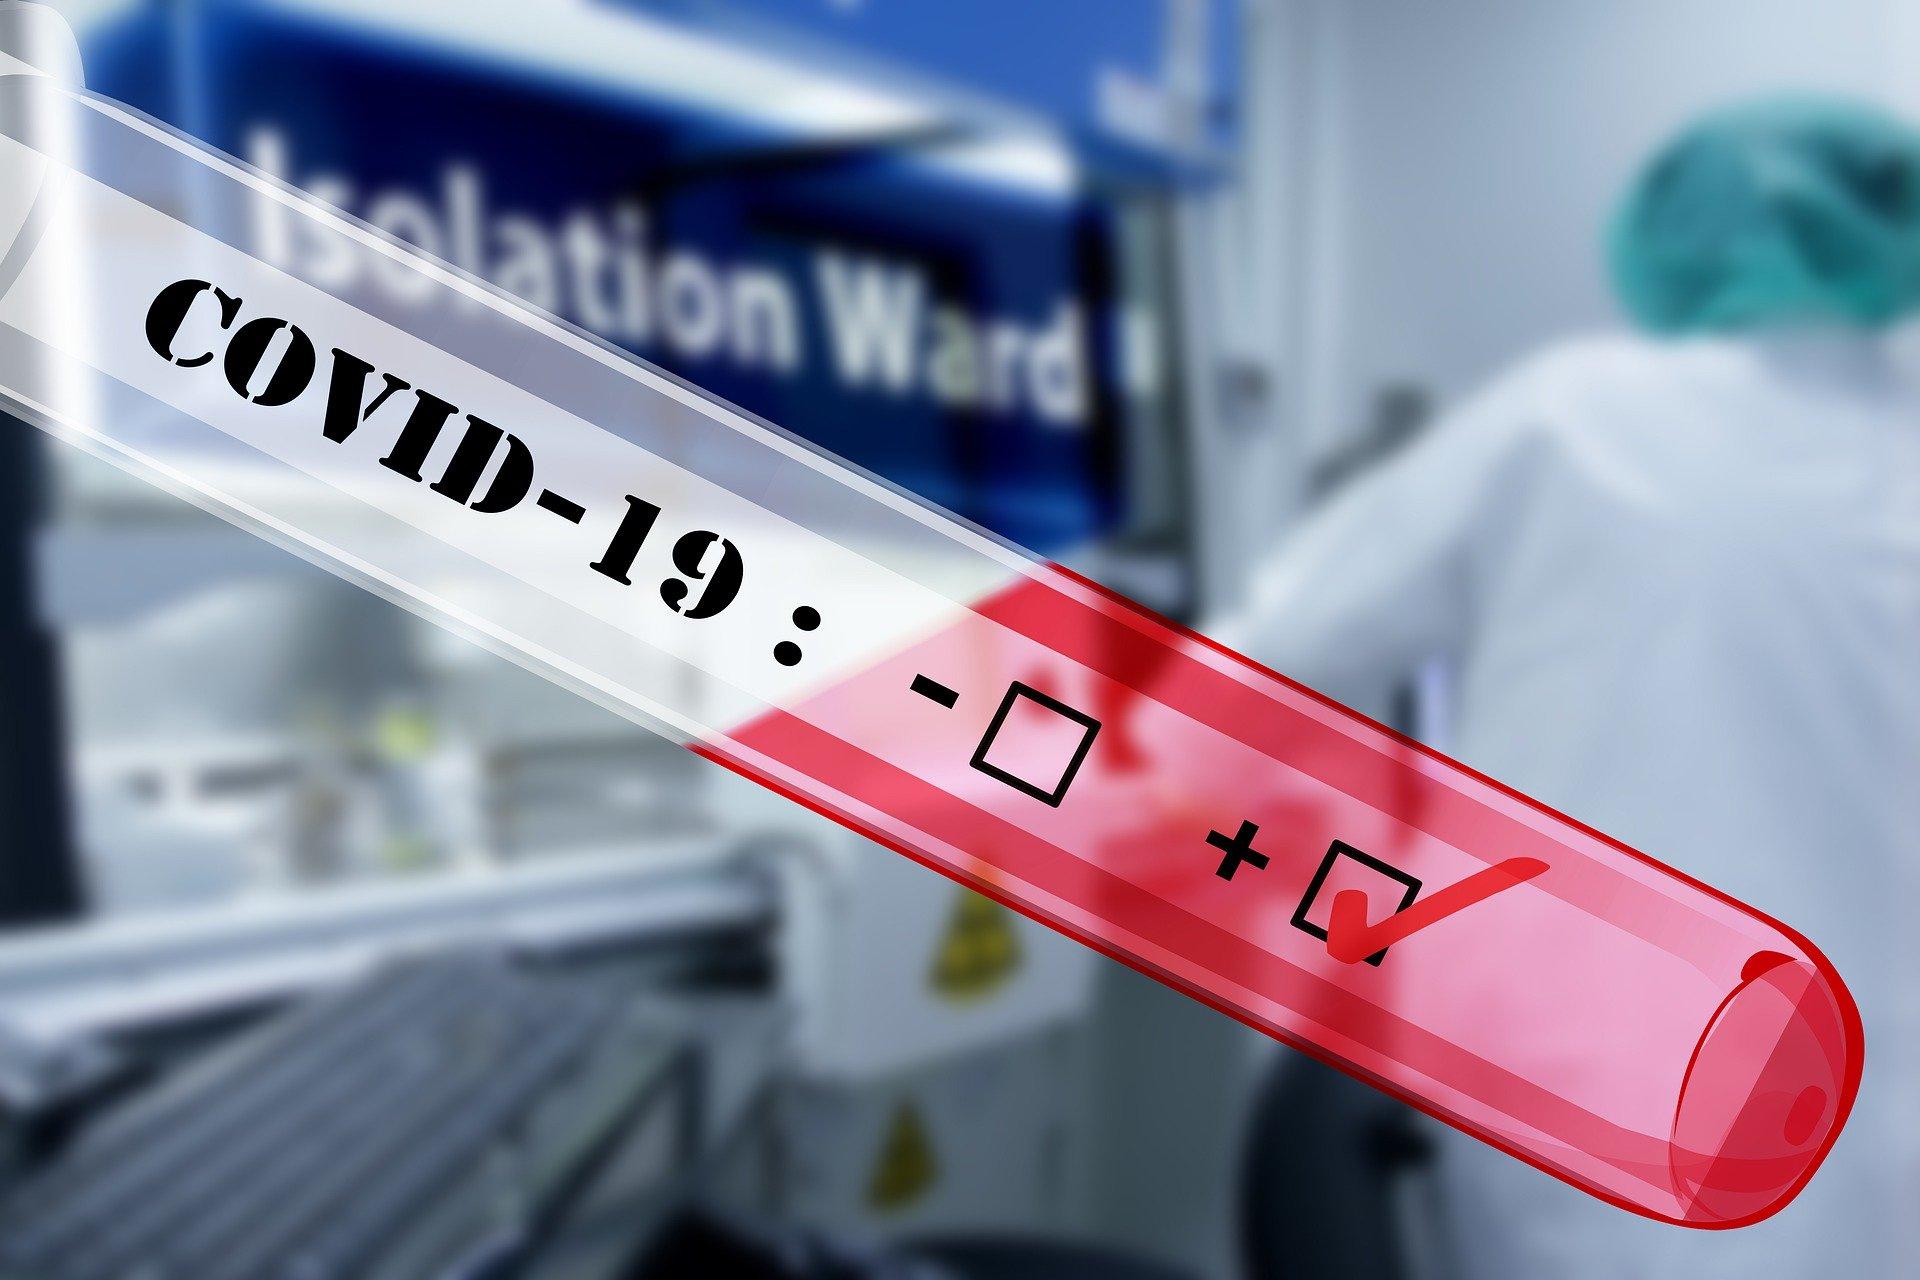 Kurumlar bünyesinde Korono Virüs (Covid 19)  Sağlık Taramalarının KVKK Uyumu